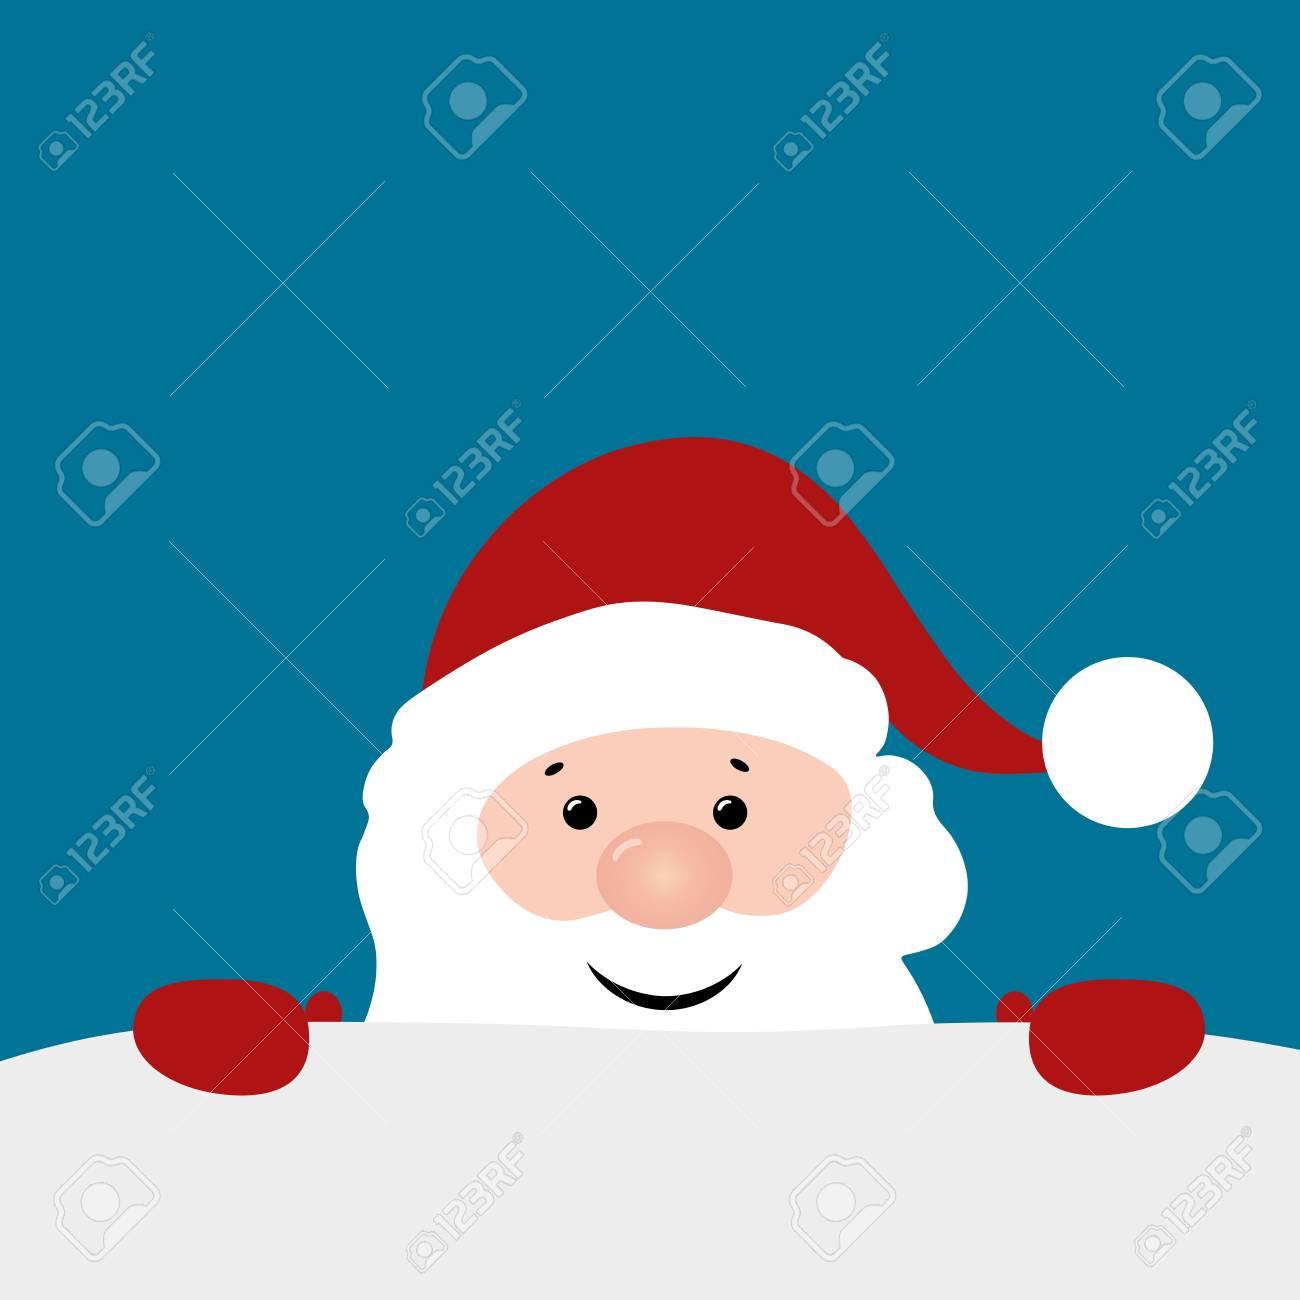 Weihnachtshintergrund Mit Santa Claus. Frohe Weihnachten Und Happy ...